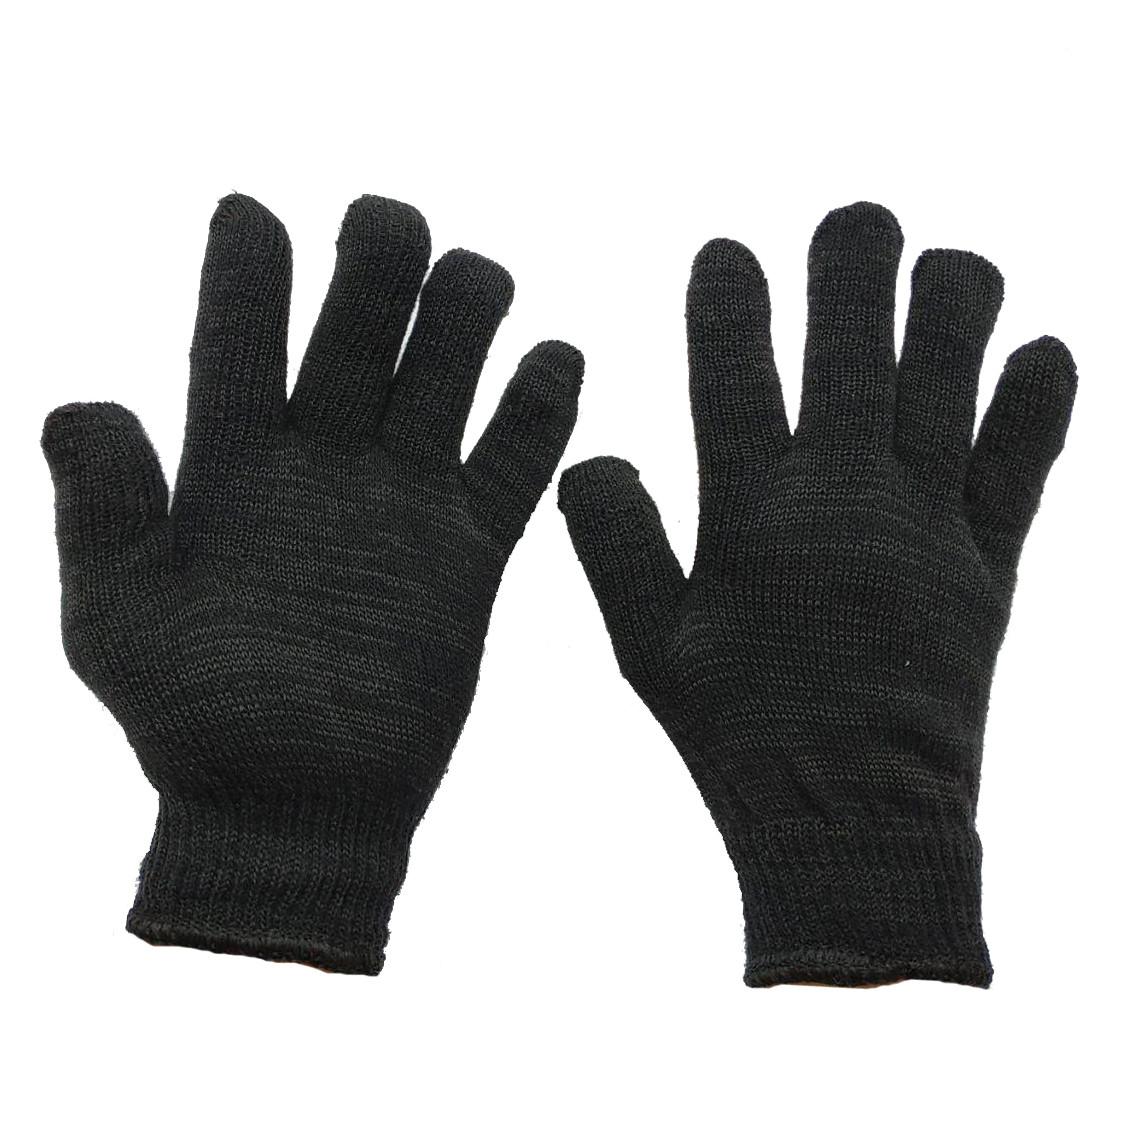 Перчатки рабочие чёрные трикотажные без протектора  двухслойные  вязаные